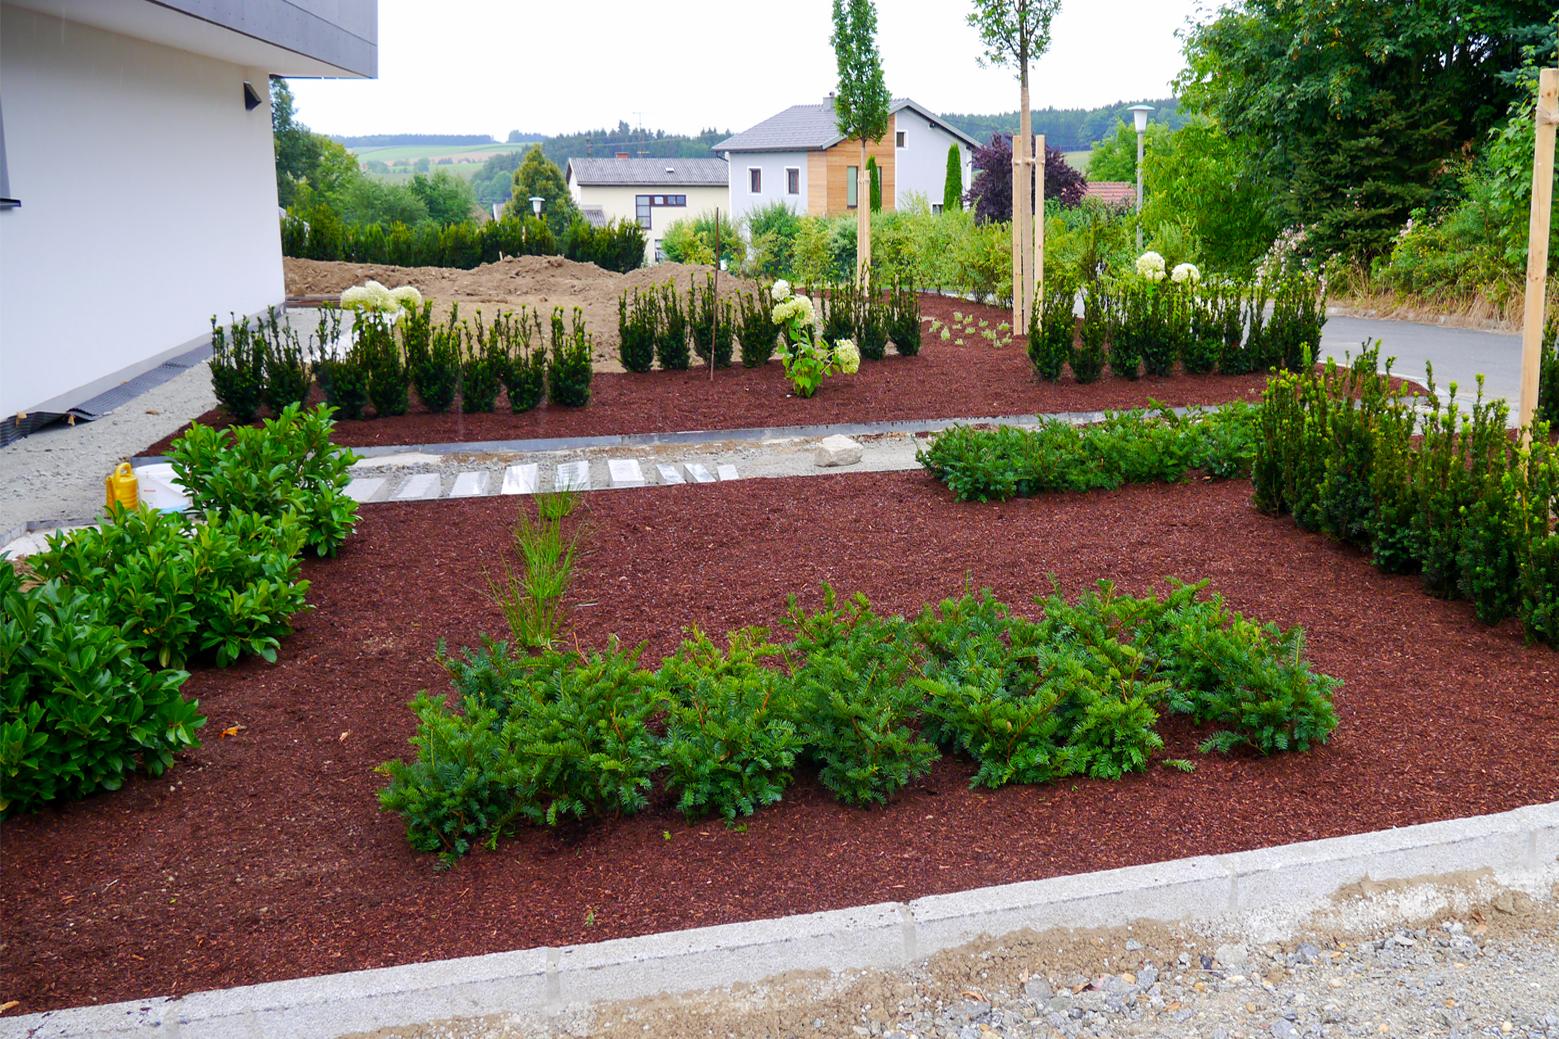 Kiesbeete kiesel steine im garten kieswege gartenwege for Gartengestaltung 24